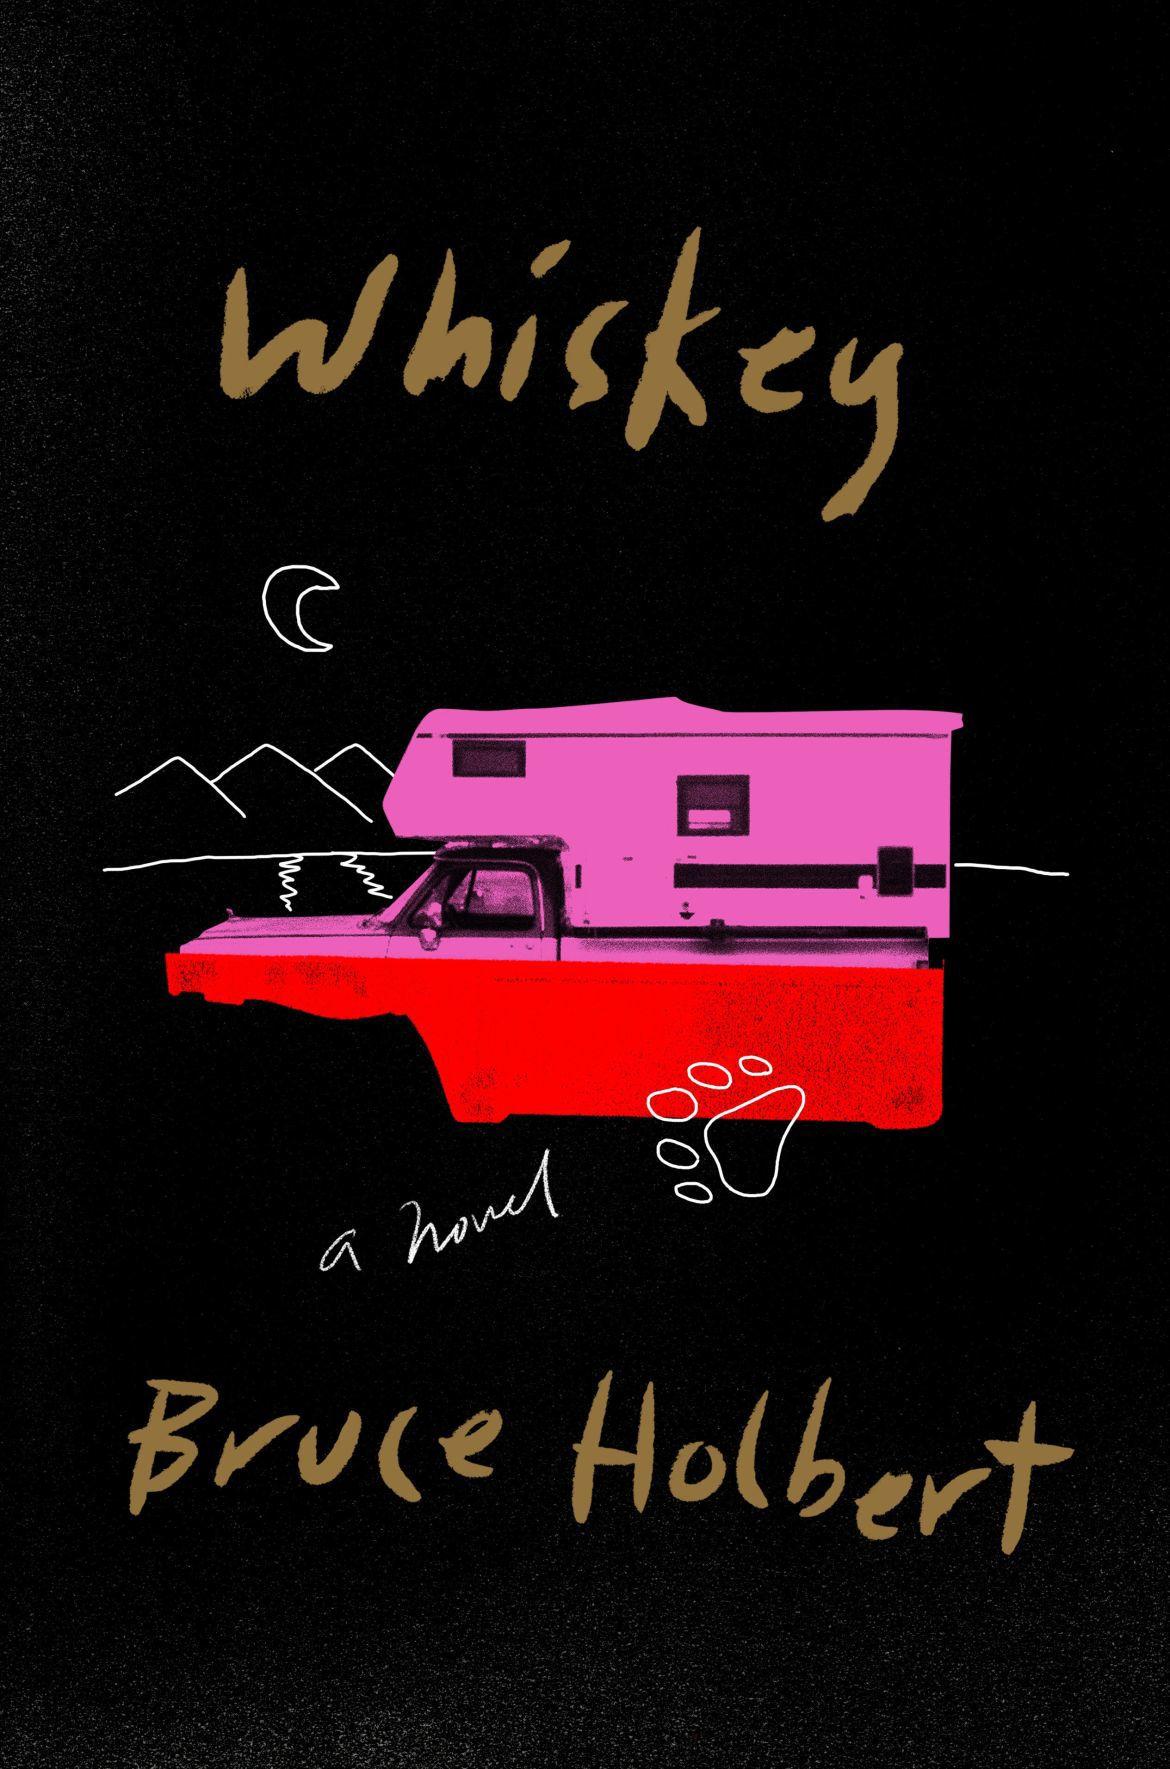 """Bruce Holbert, """"Whiskey"""""""